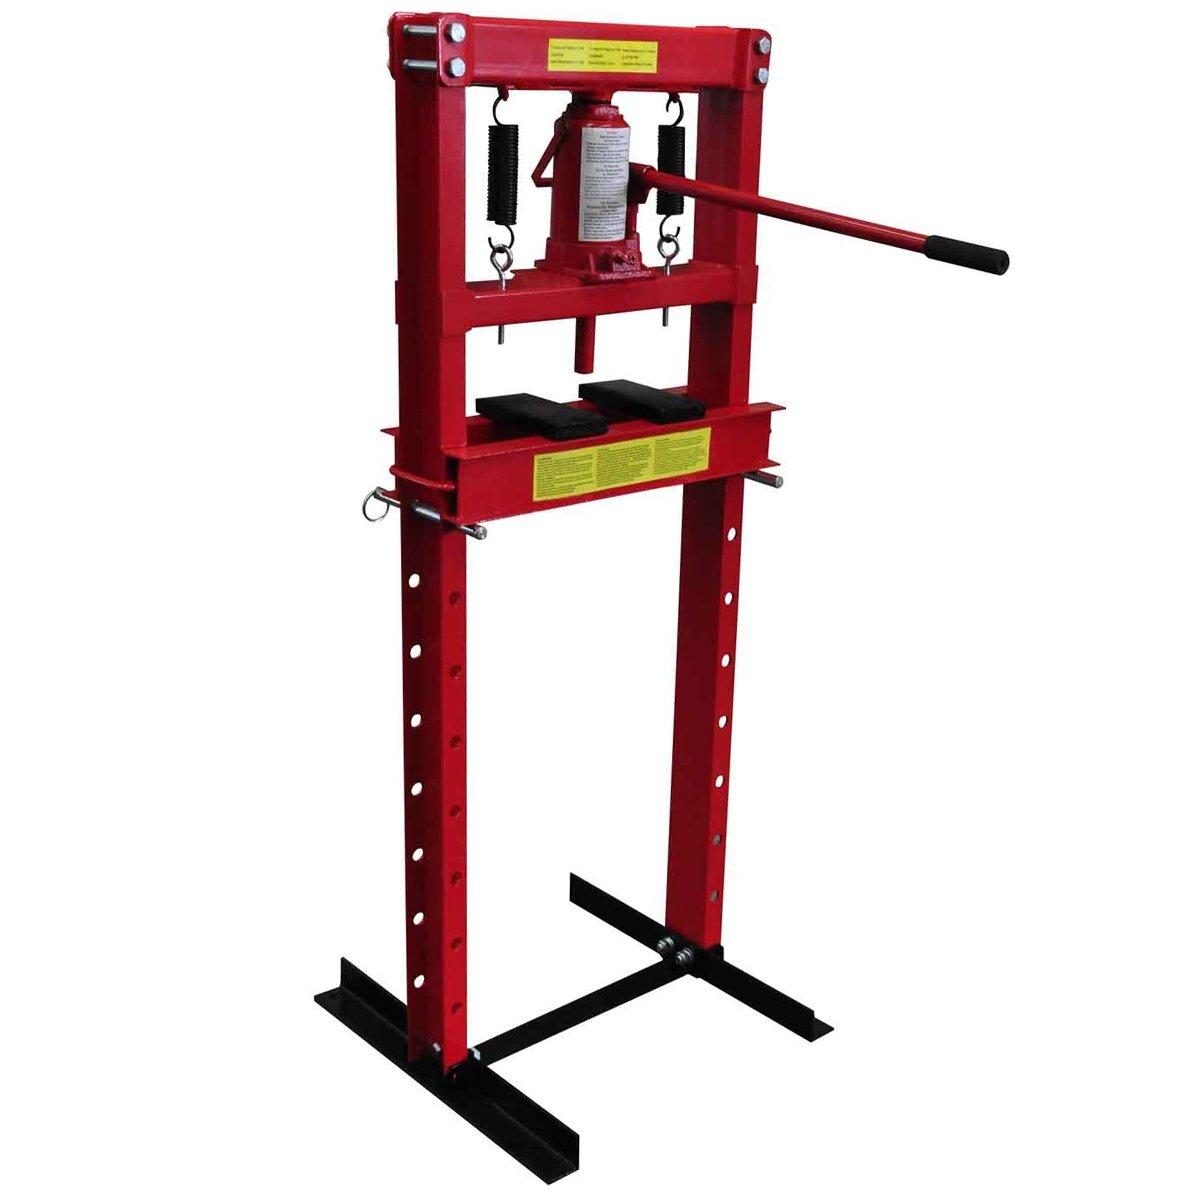 Werkstattpresse Hydraulikpresse 12 t / Tonnen 12000kg Presse hydraulisch